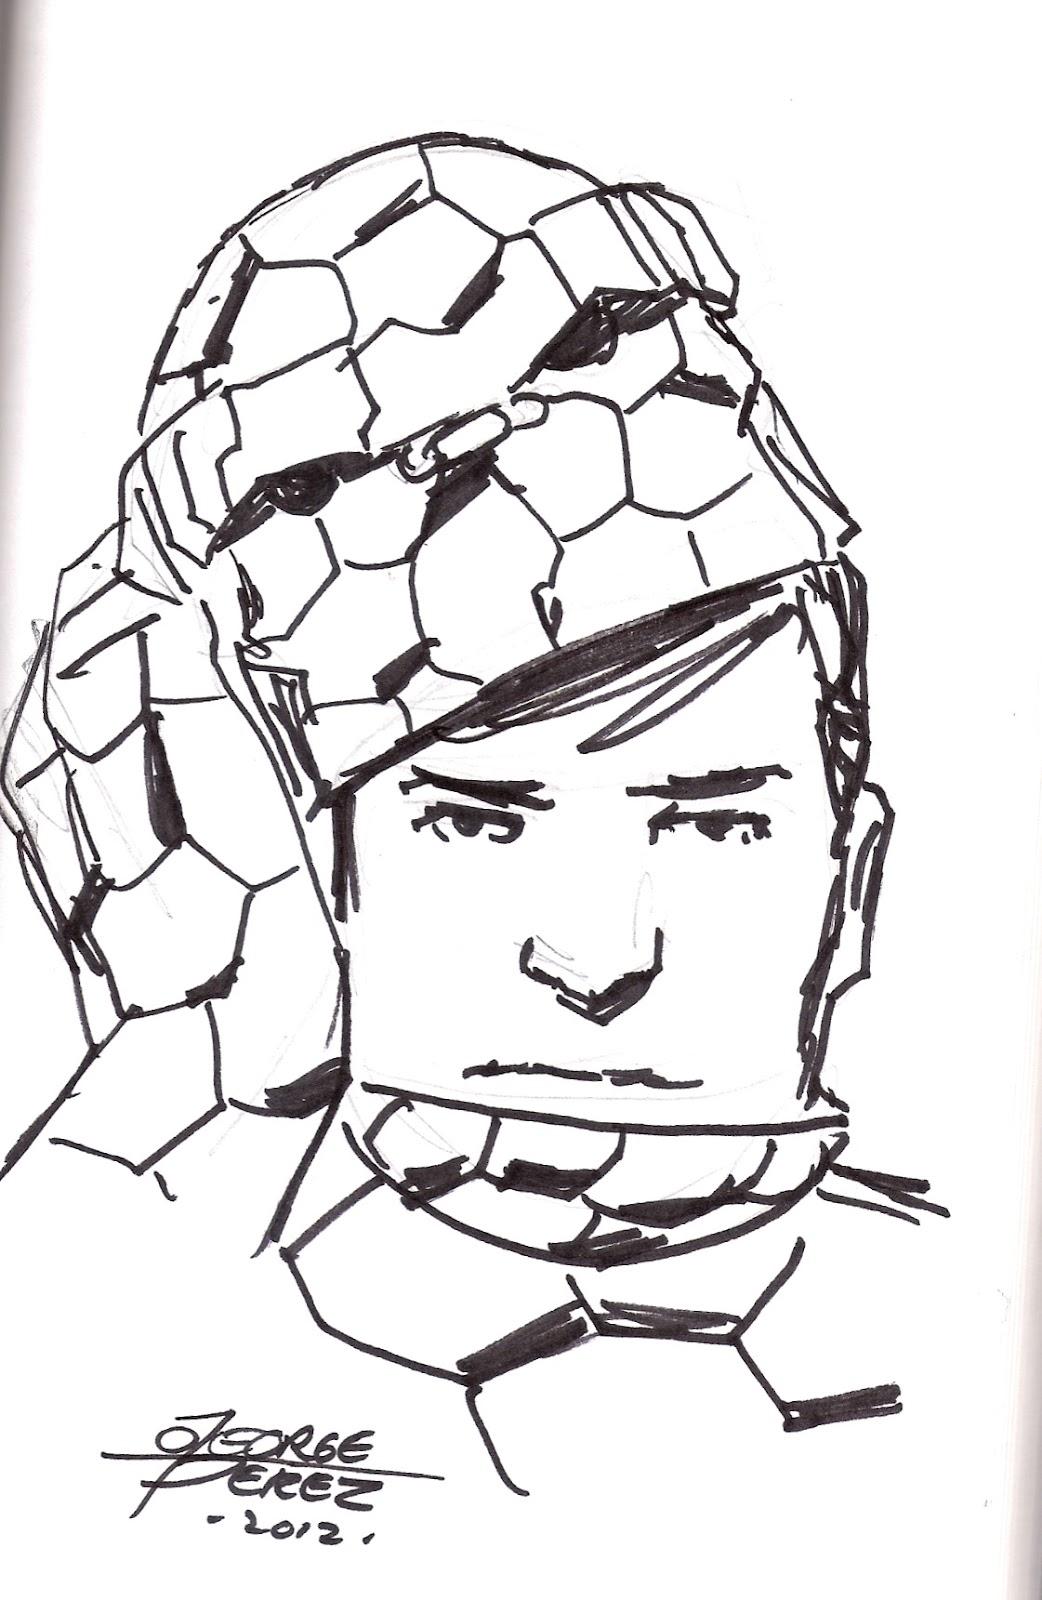 1042x1600 The Yeti Speaks! Thing Sketchbook, Part 10